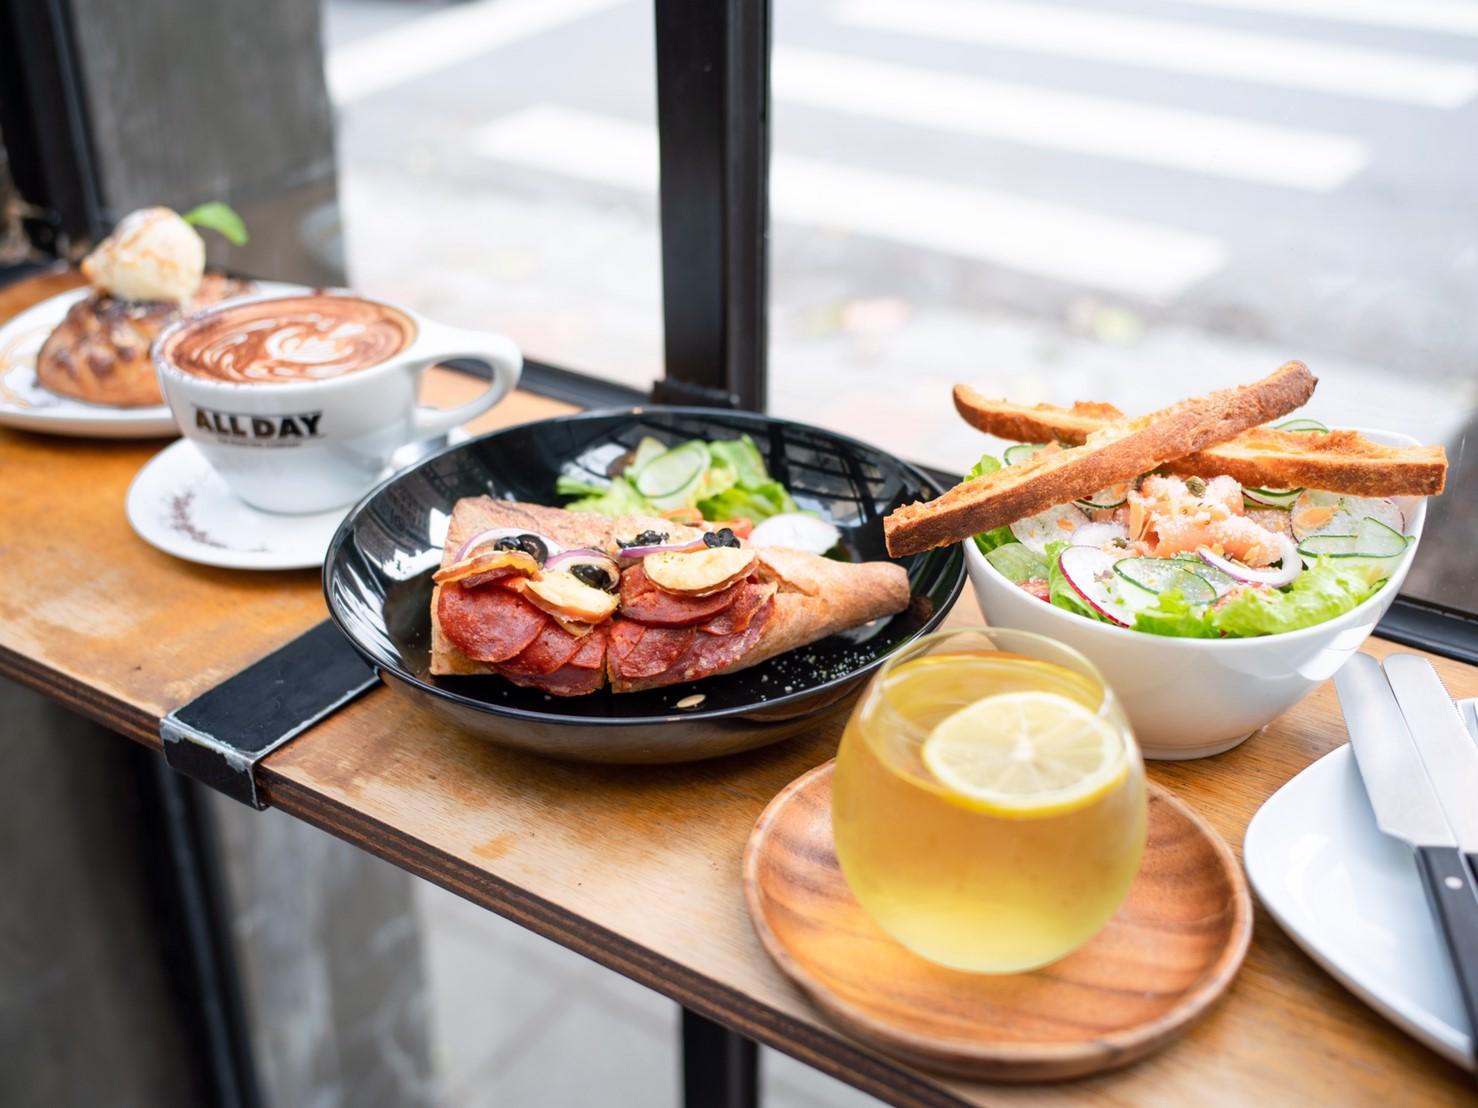 台北松山咖啡廳|民生社區ALL DAY Roasting Company|陽光灑落的老宅咖啡廳 黑胡椒牛肉可頌